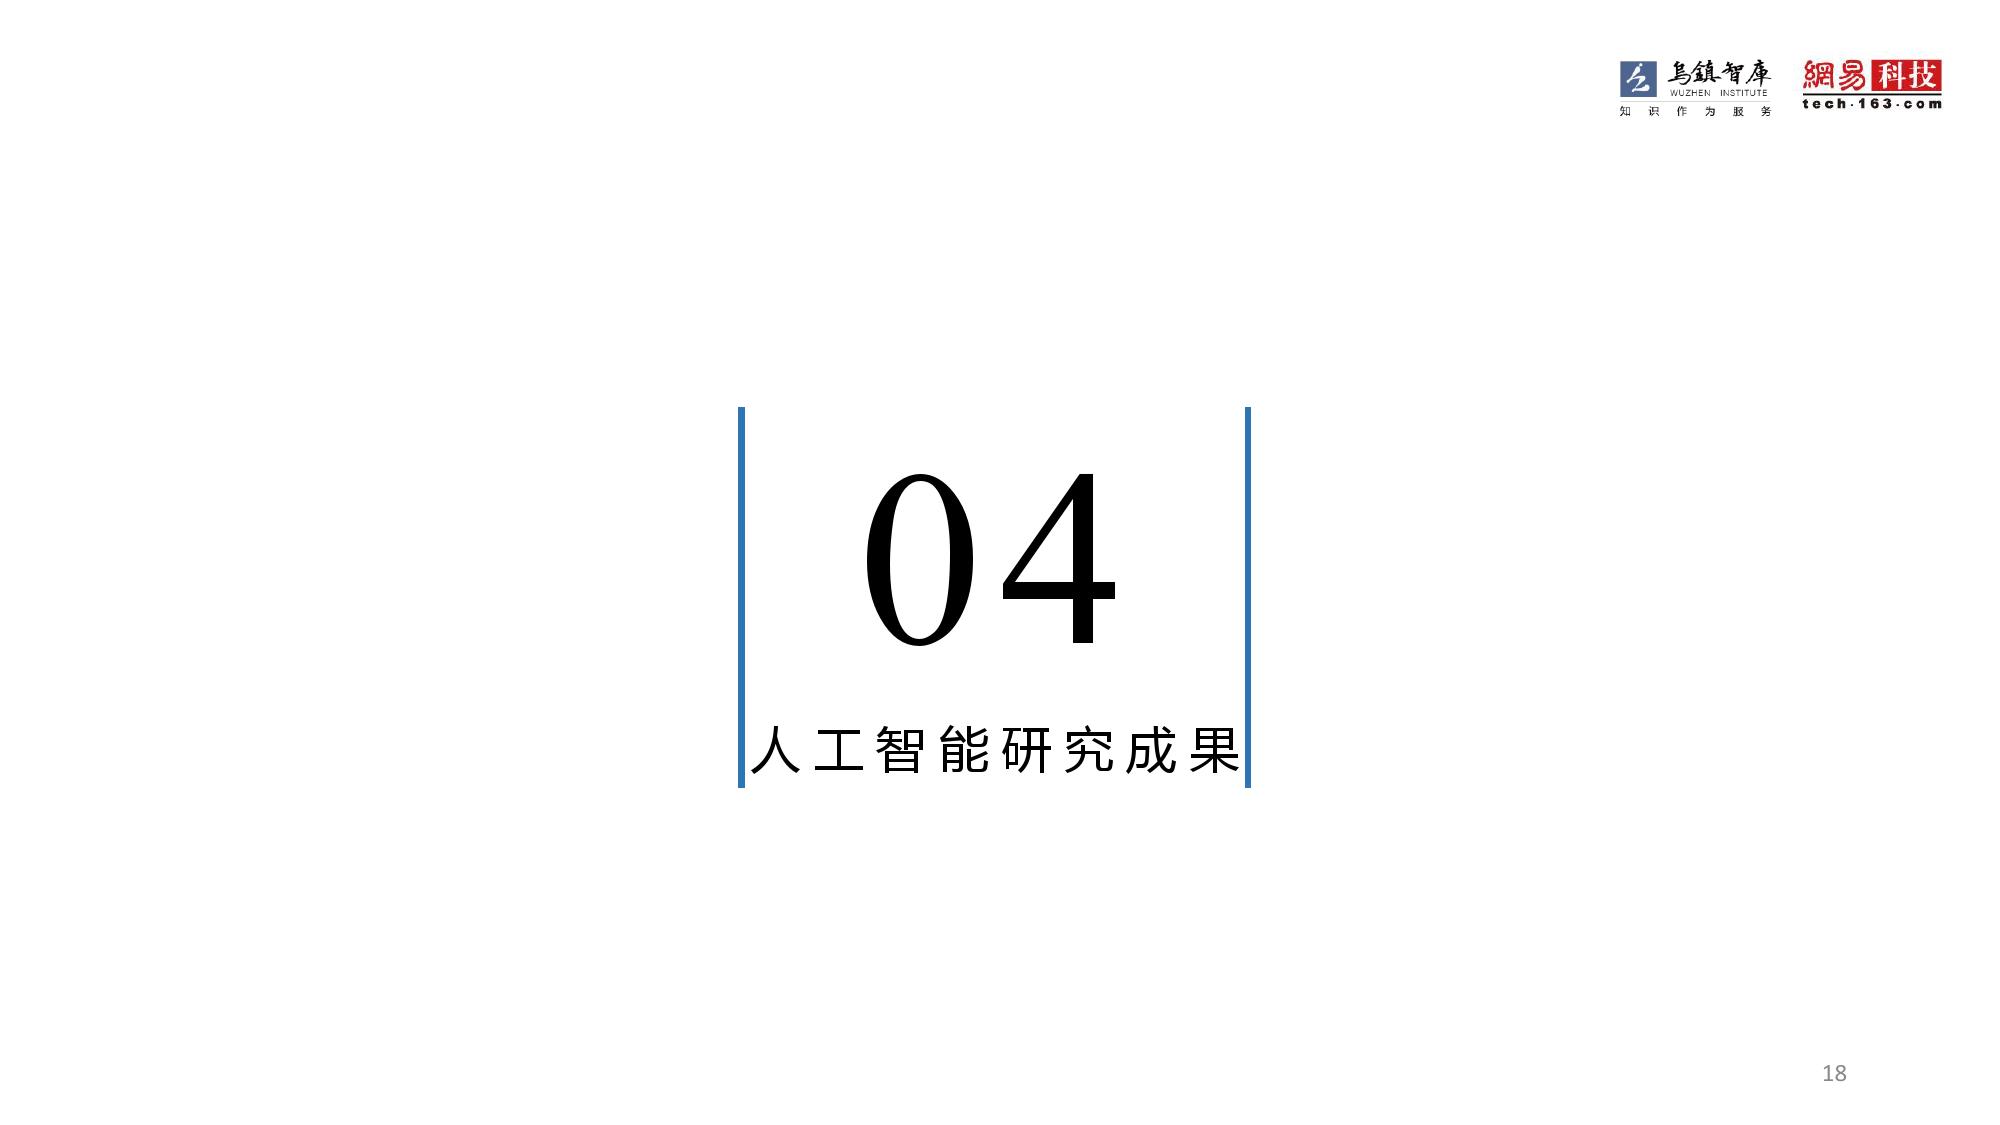 2016年全球人工智能发展报告_000018